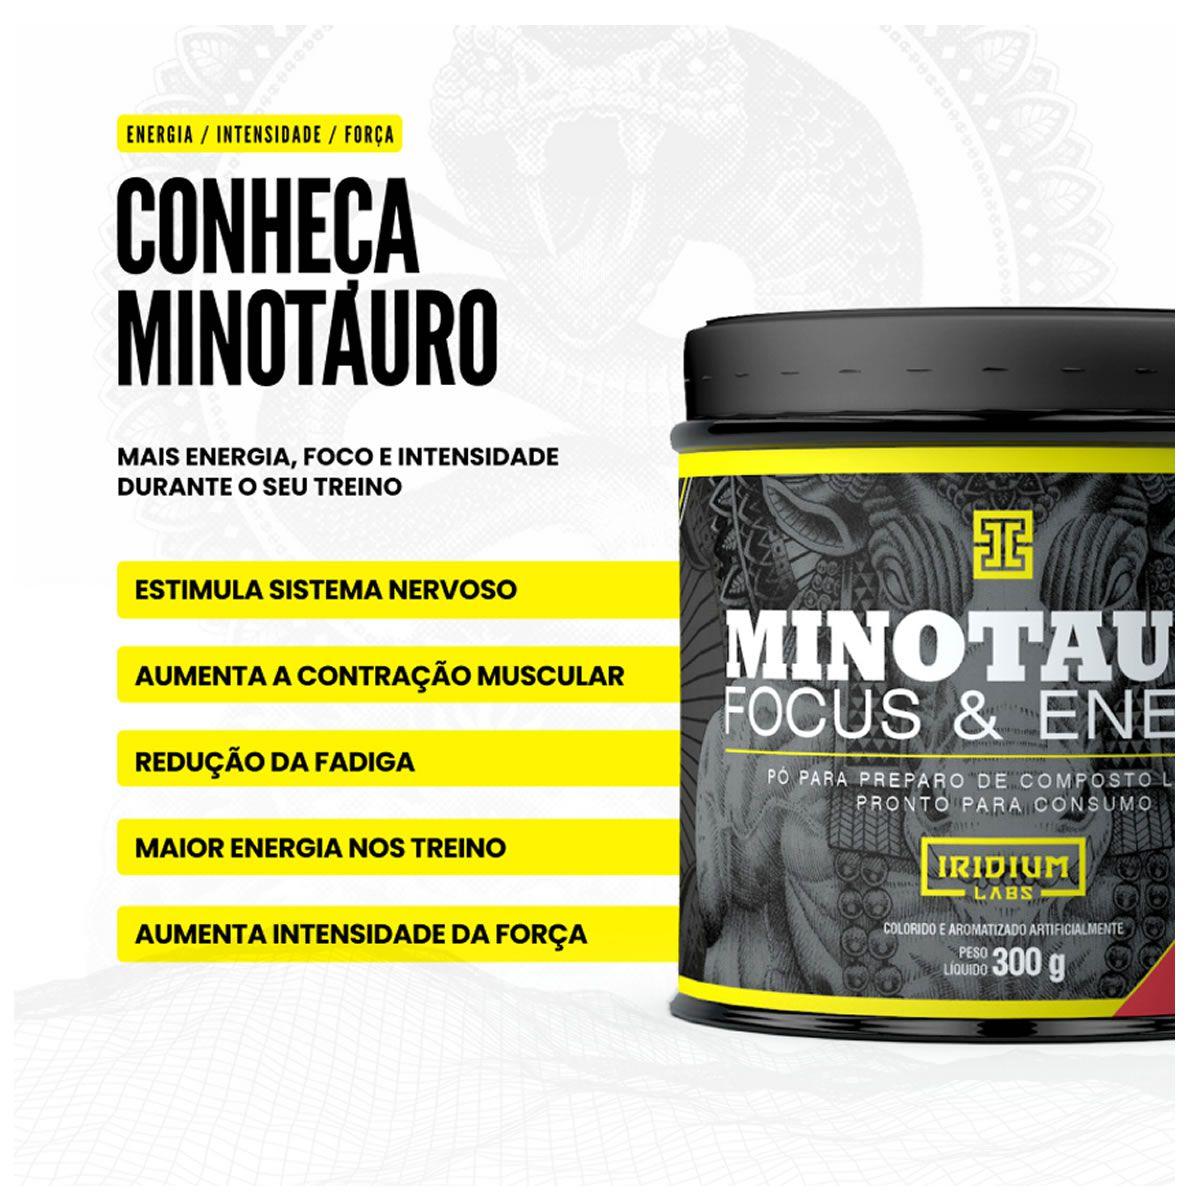 Minotauro - 300g - Iridium Labs